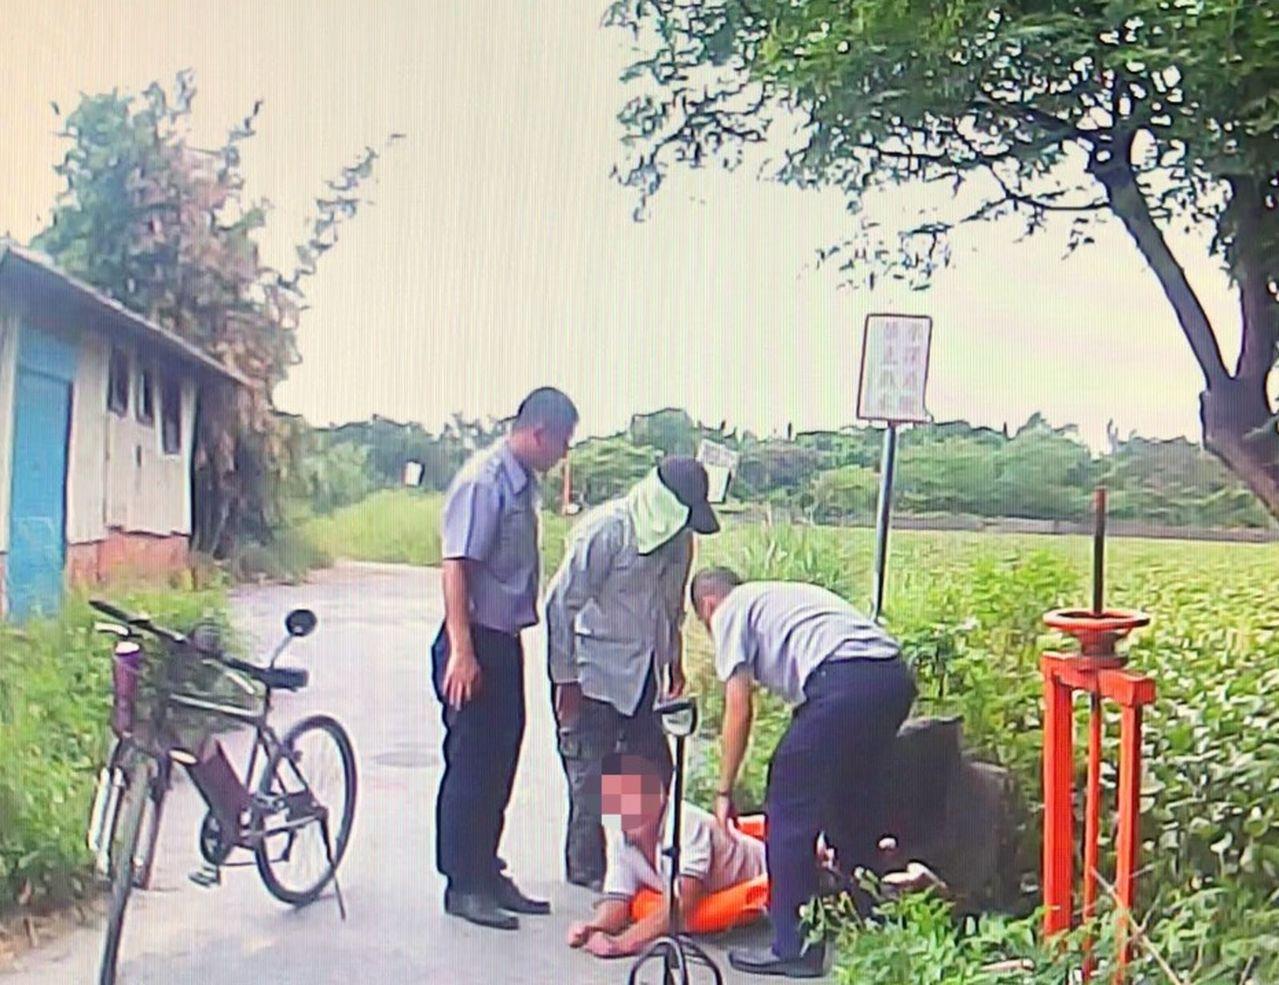 桃園市7旬老翁清晨獨自外出散步,不慎跌落路旁水圳內,路人見狀急報警,一同合力救出...